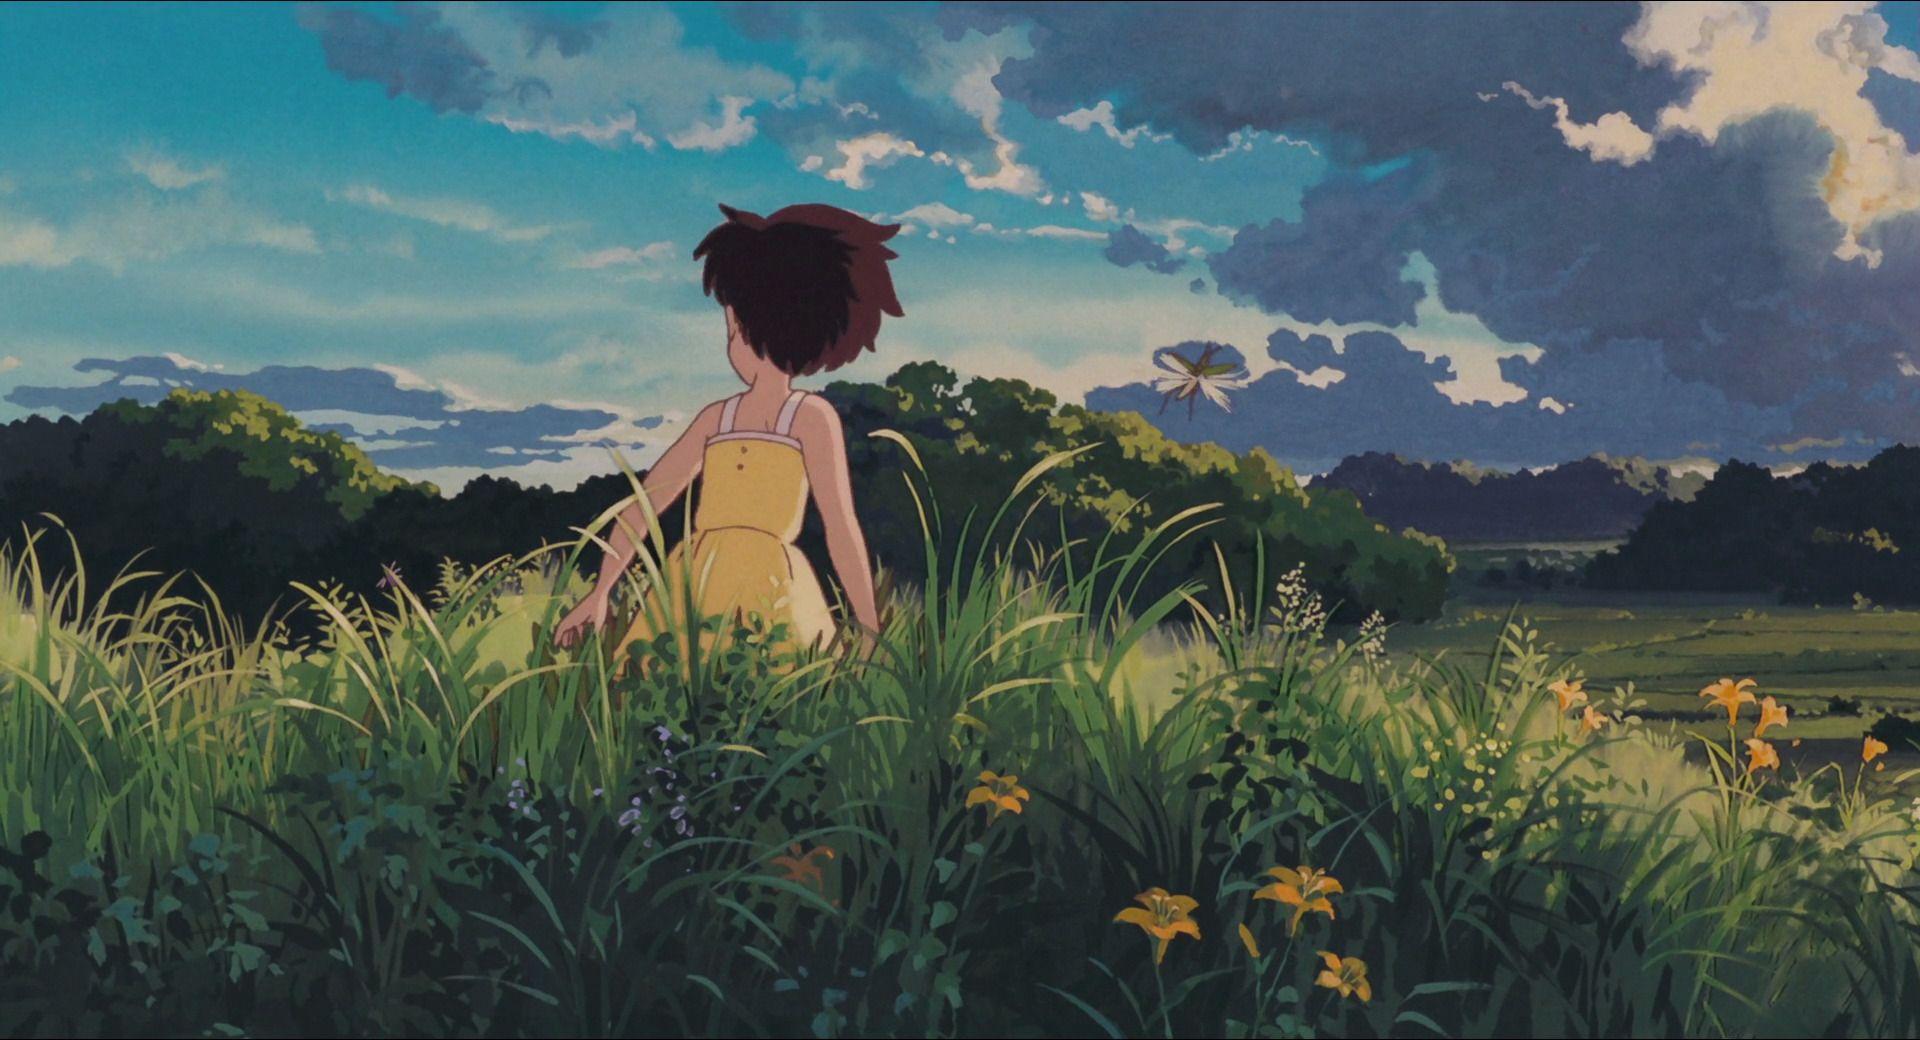 Mijazakiho tvorba je okrem iného charakteristická krásnym stvárnením prírody. Vietor doslova cítite vo vlasoch a na zátylku a dážď vám za chvíľku akoby steká po okennom skle.